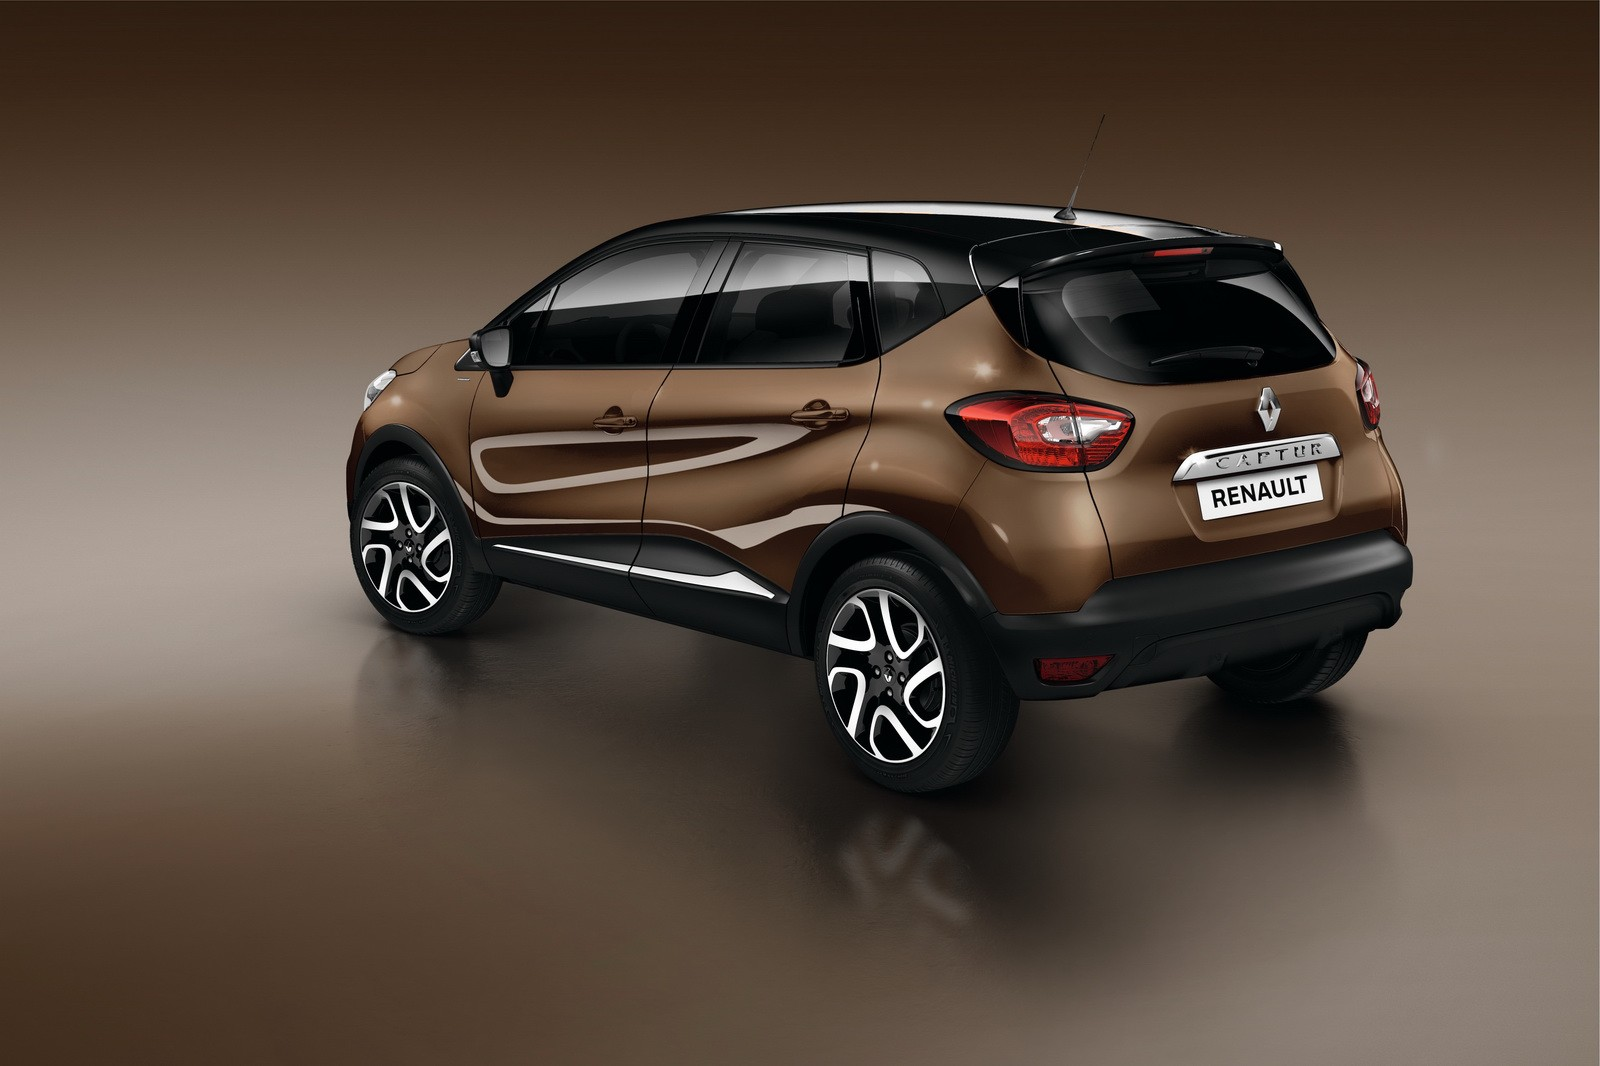 Renault llamará a revisión a 15.800 Captur para ajustar sus motores y reducir las emisiones 1